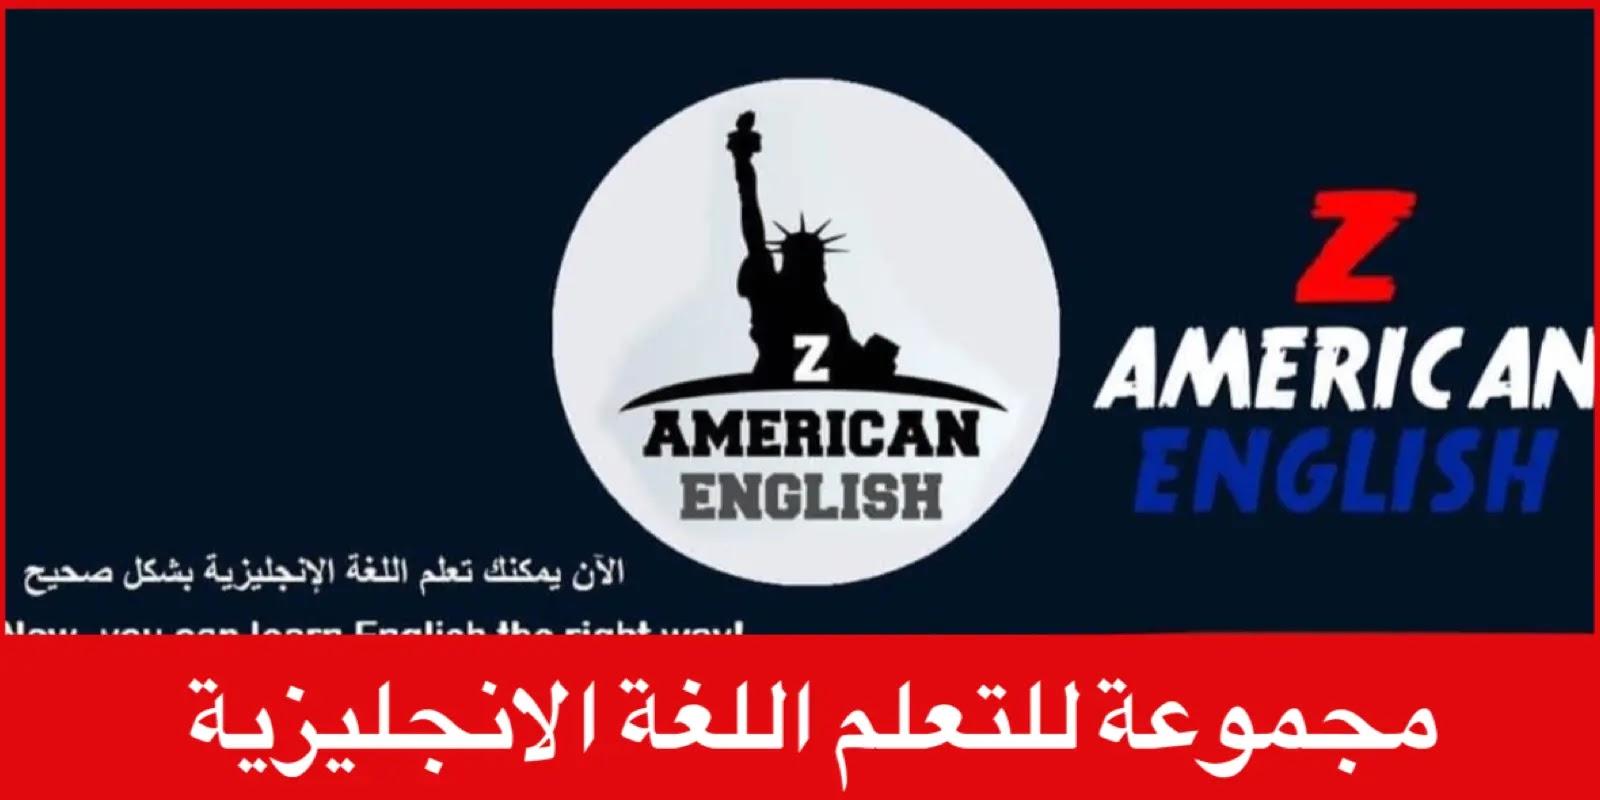 مجموعة ZAmericanEnglish لممارسة اللغة الإنجليزية